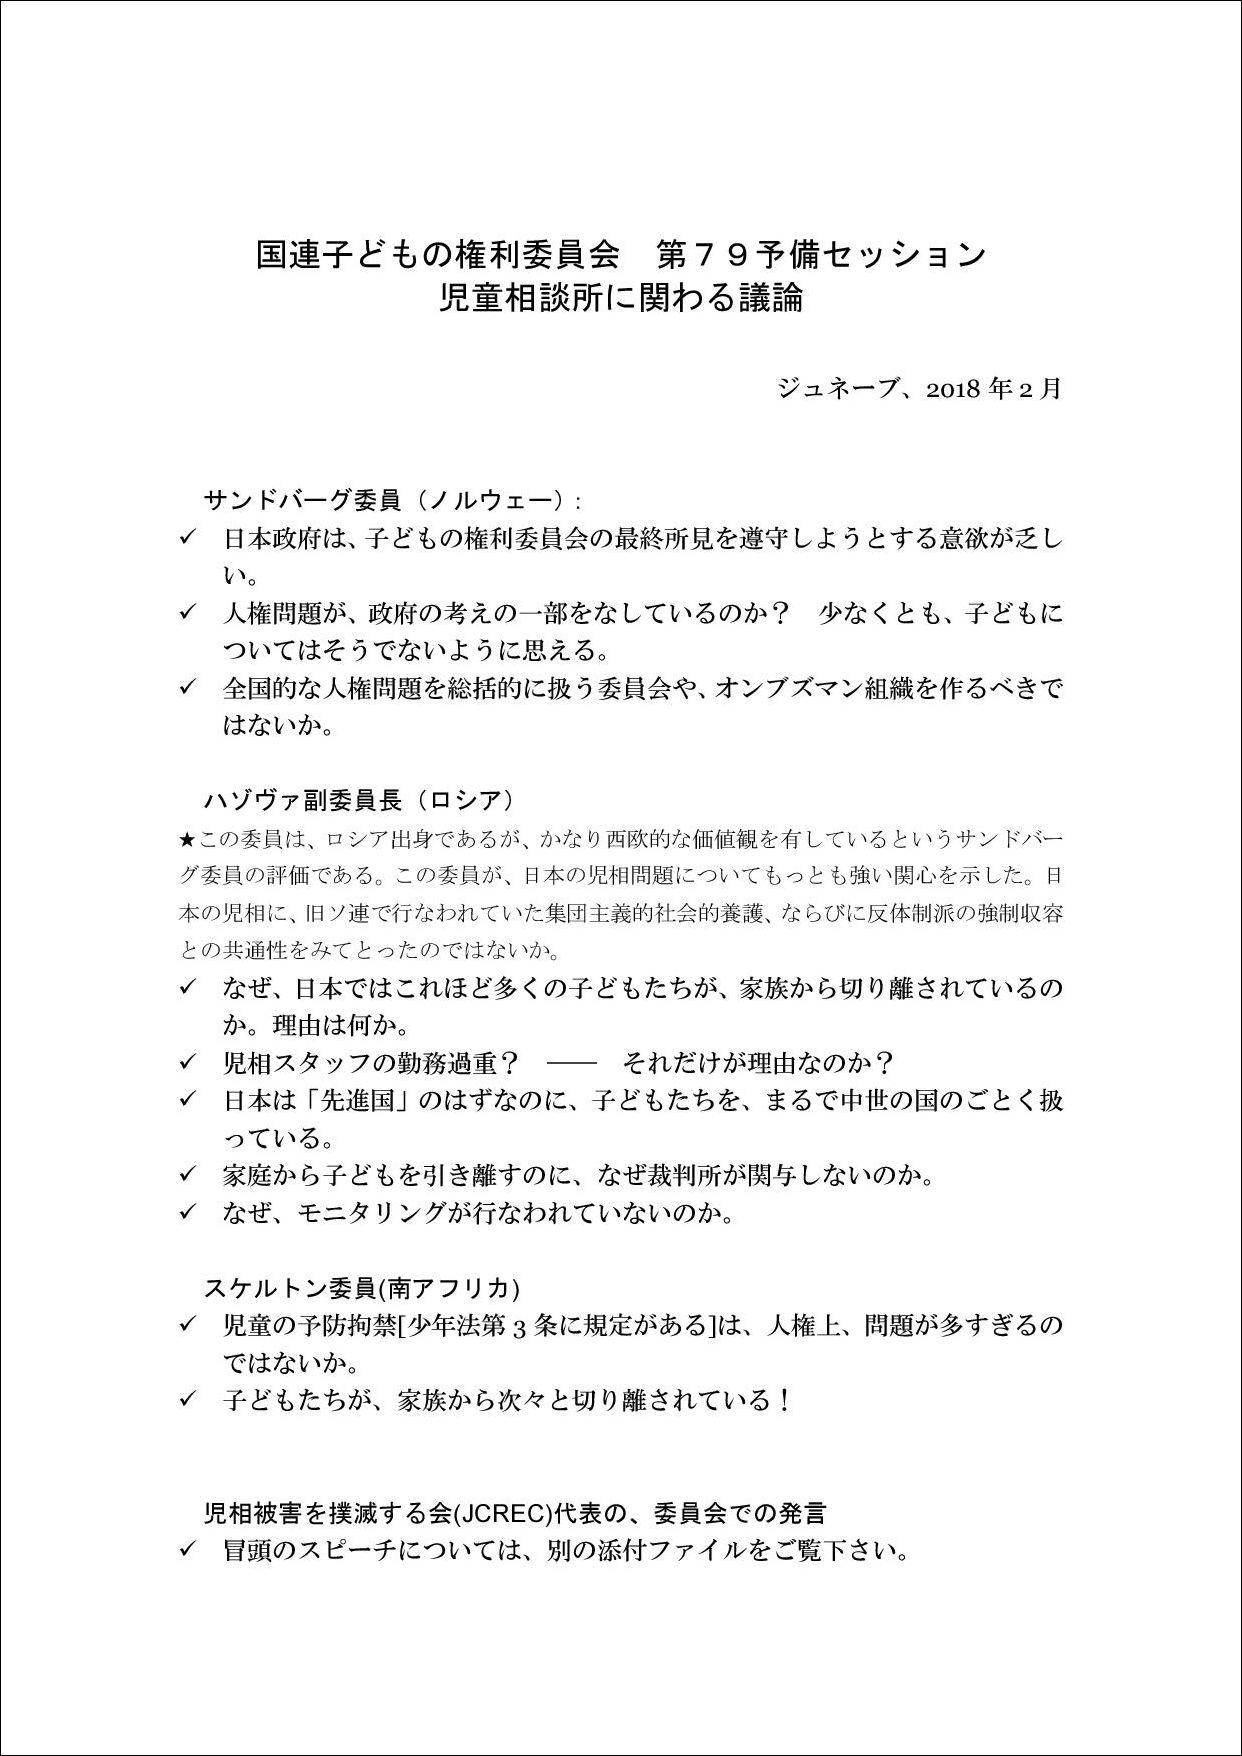 子どもの権利委員会-1-001